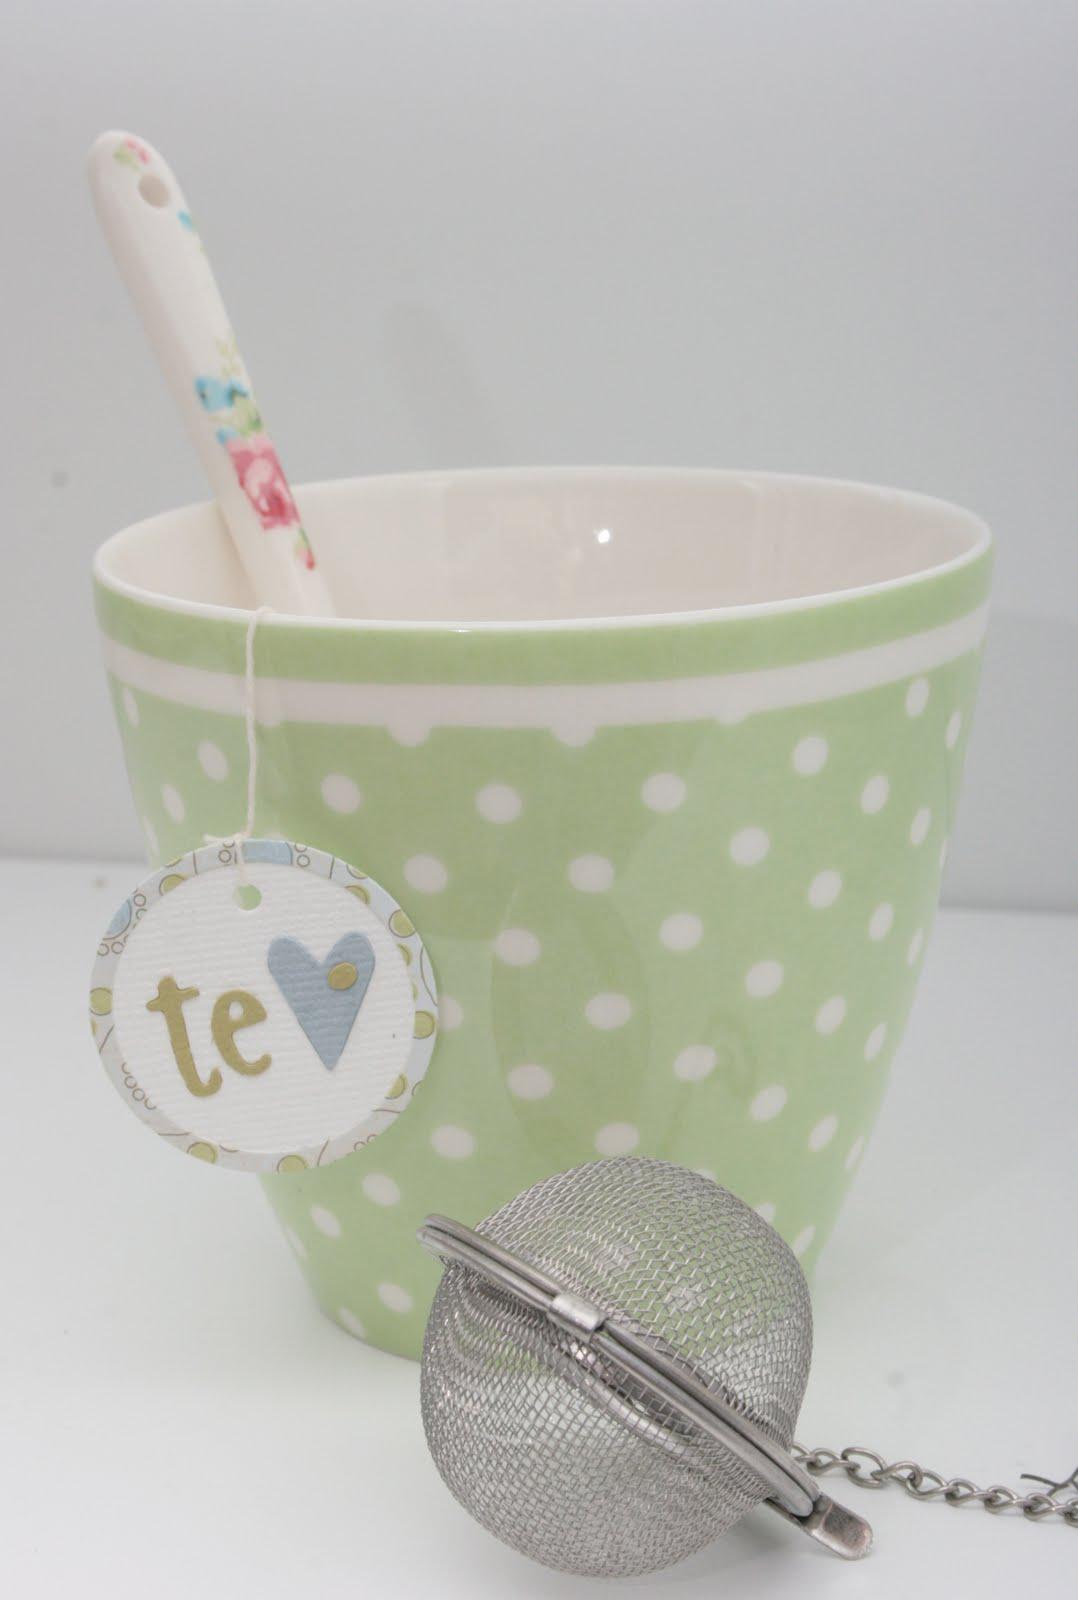 Tea Time On Pinterest Teas Tea Cups And Tea Sets